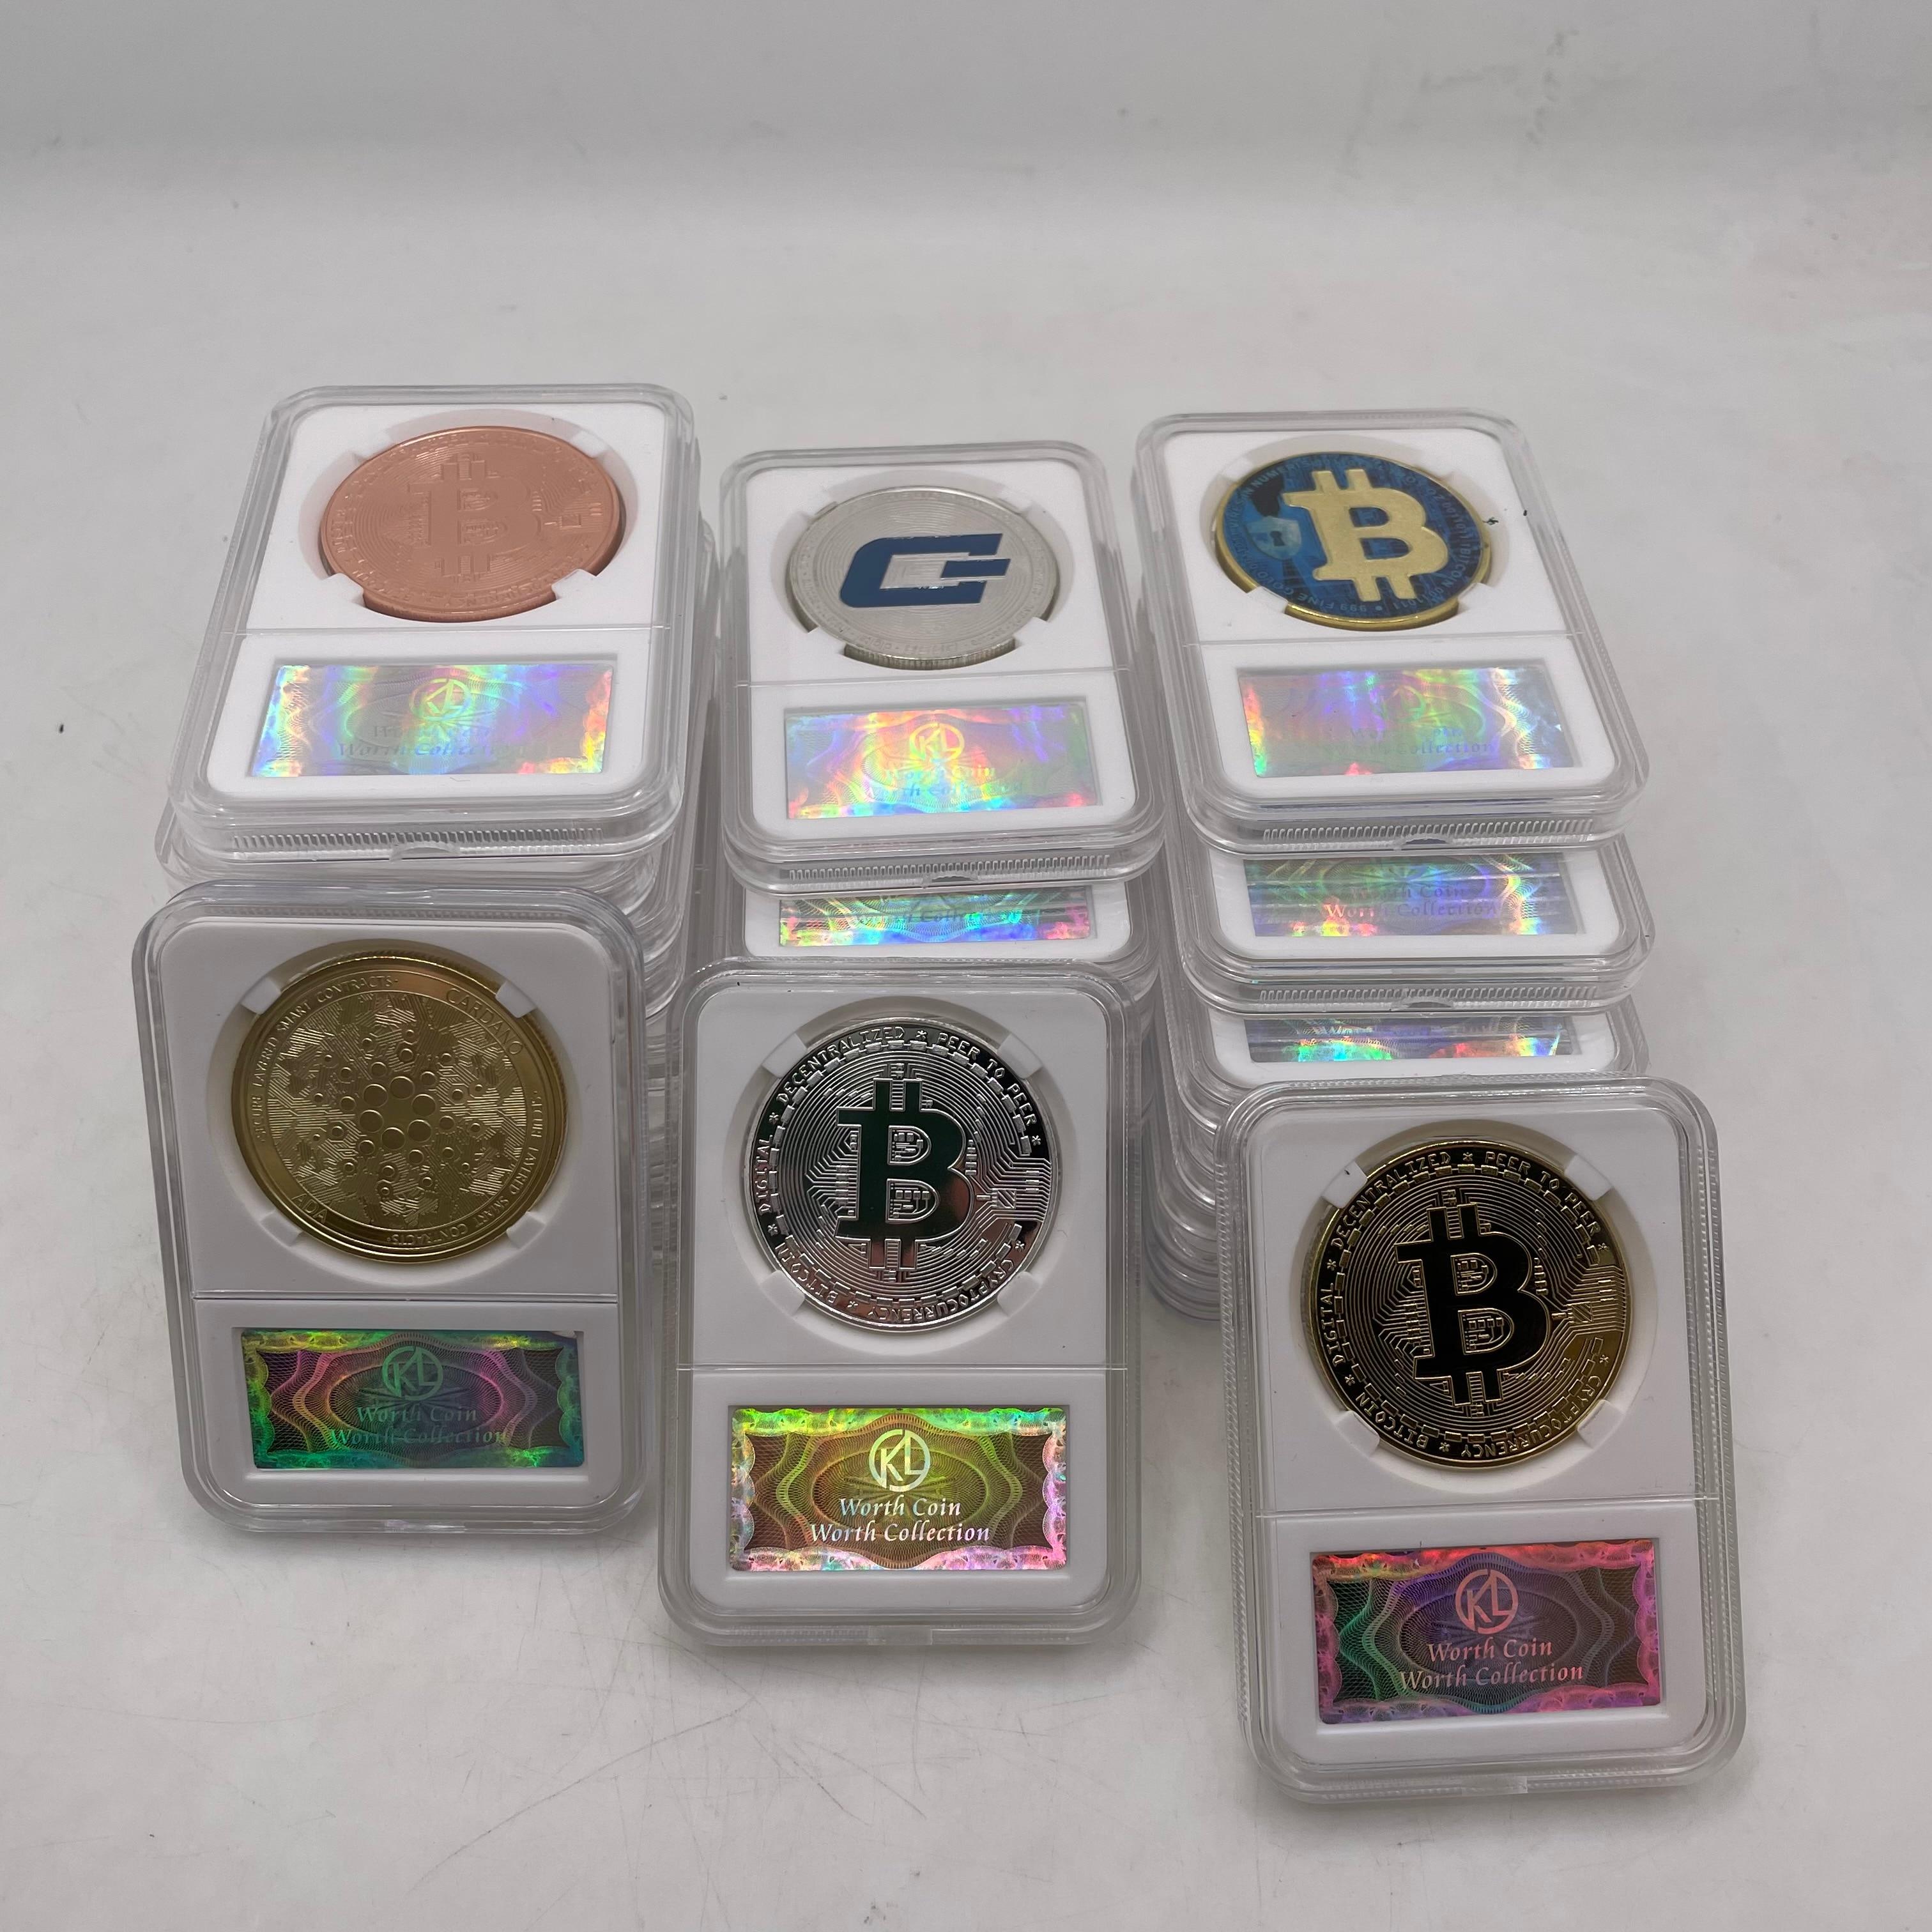 36 типов дожкойн/Bitcoin ETH/Litecoin/приборной панели/пульсация/монеро/EOS Металл физическое серебро/золото Ada Cardano монета с акриловый чехол